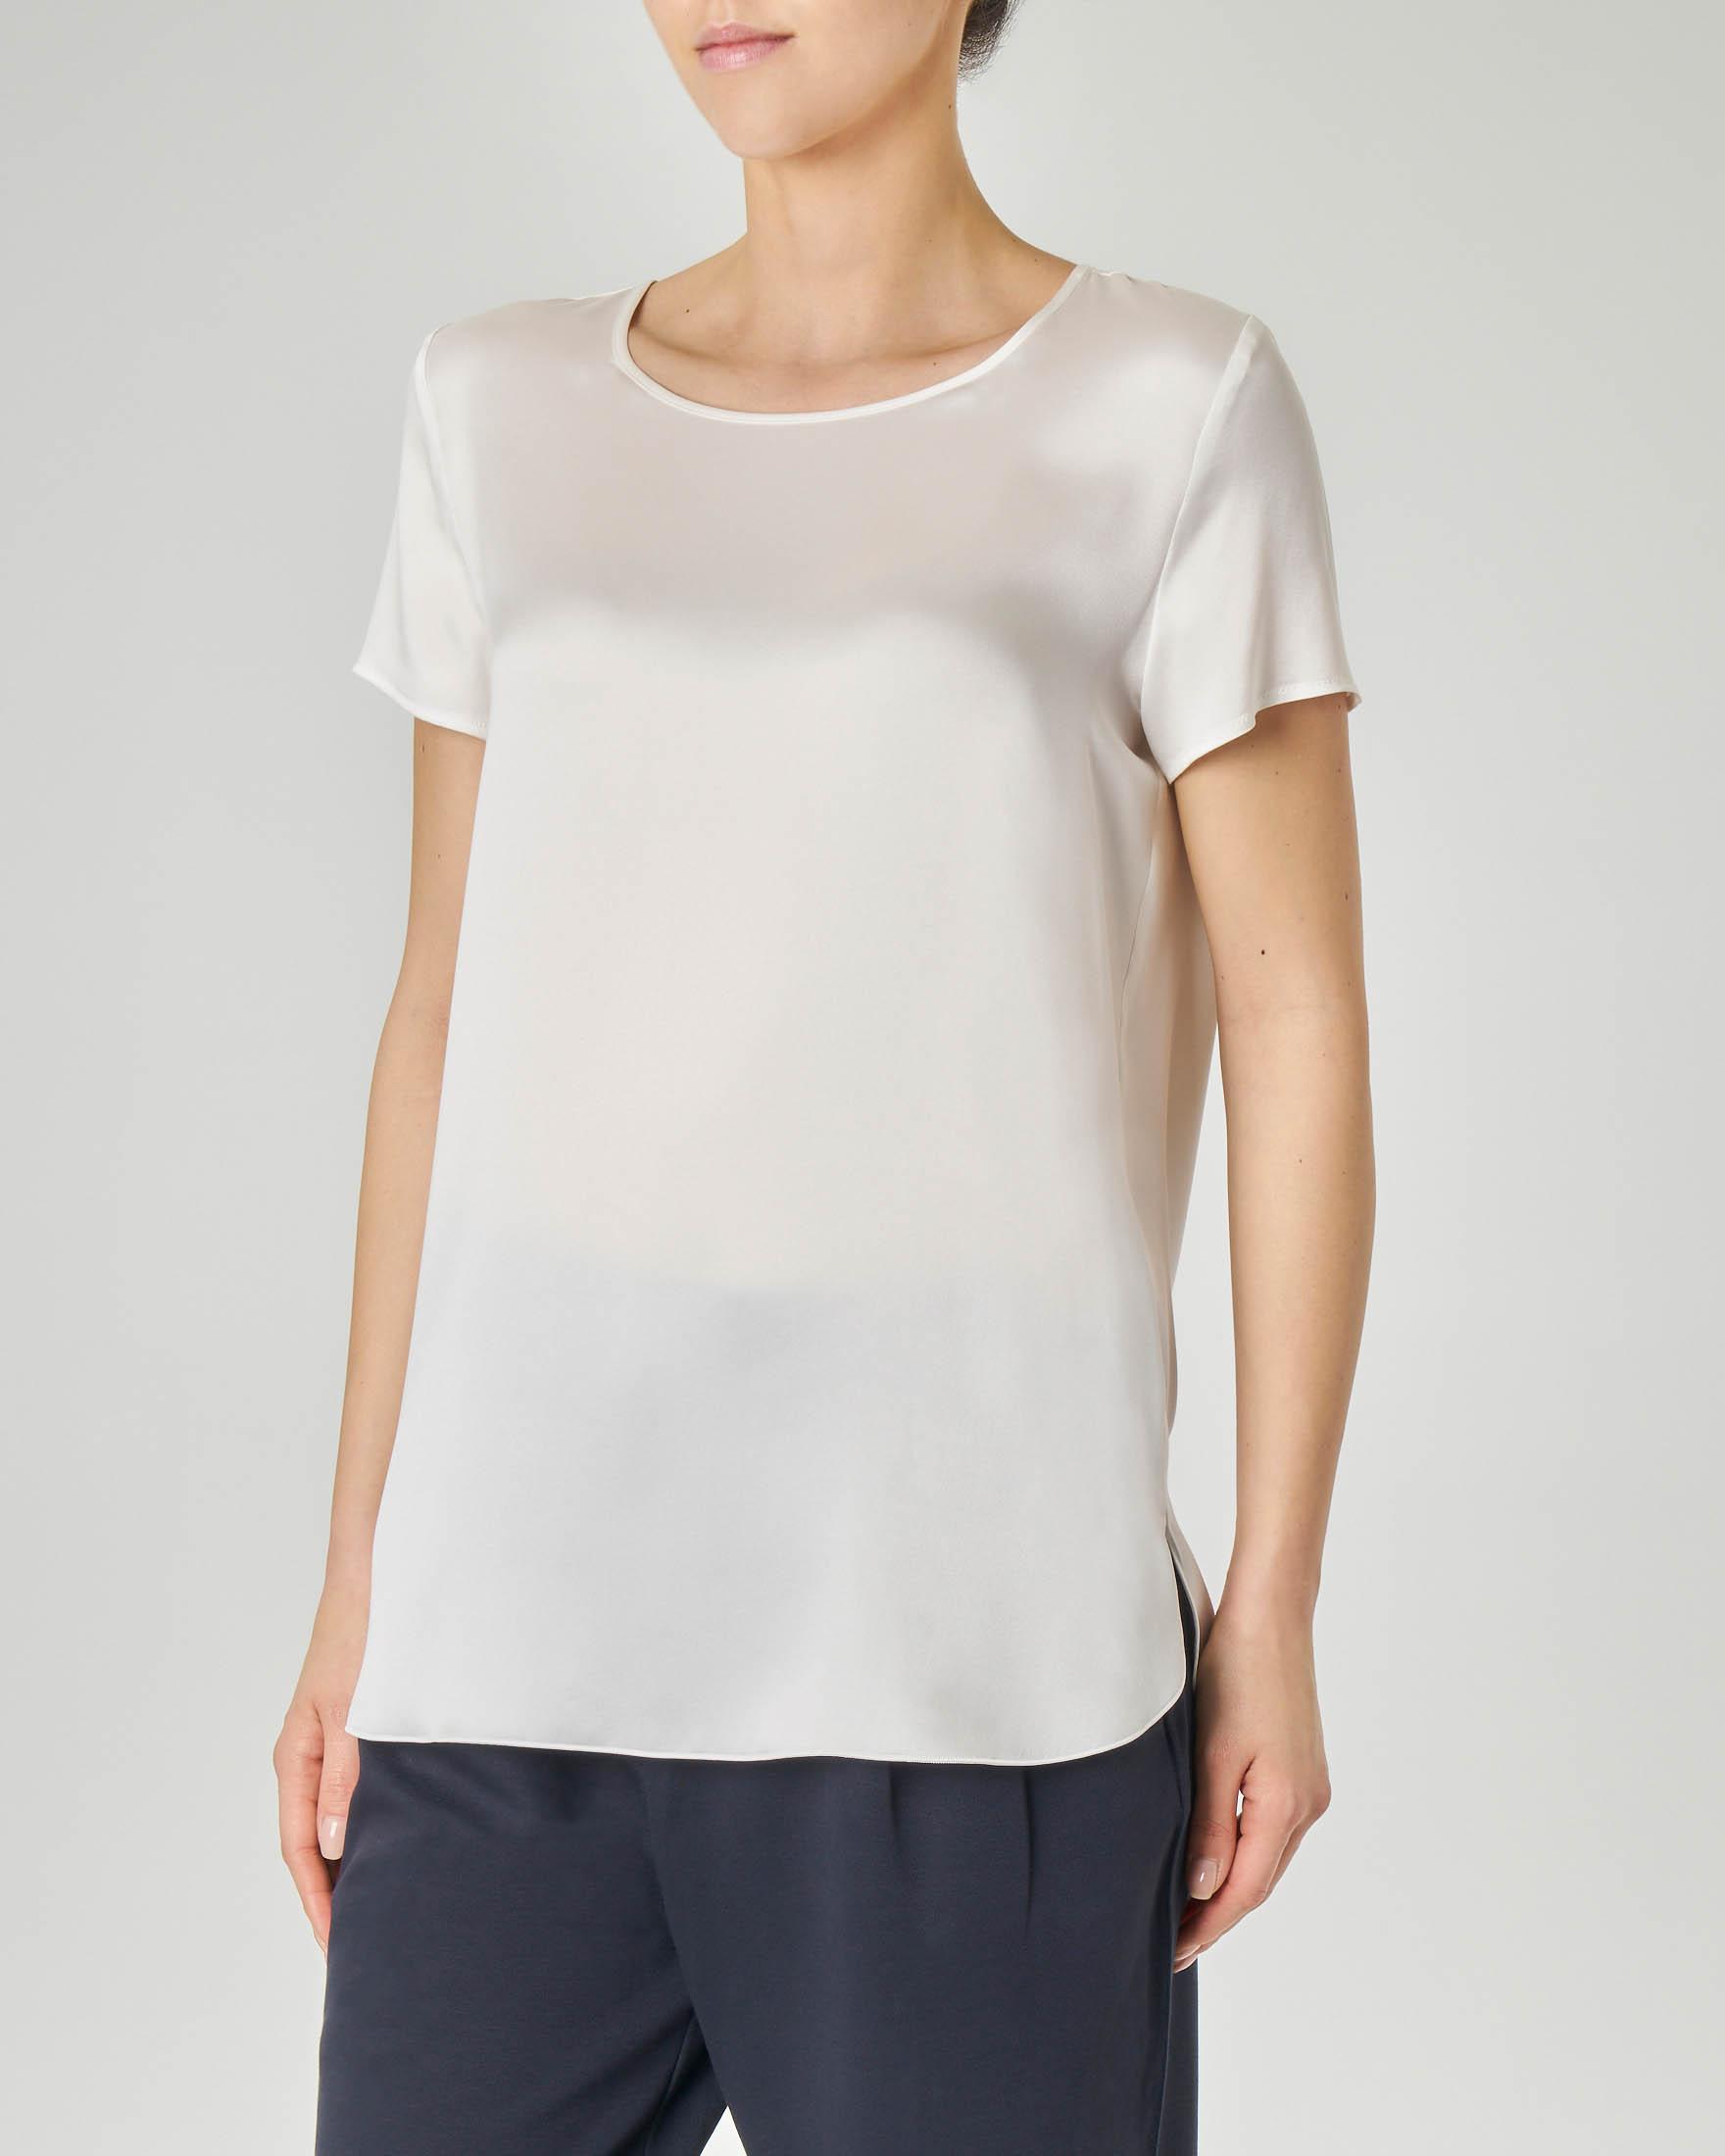 Blusa in crêpe seta bianca a maniche corte